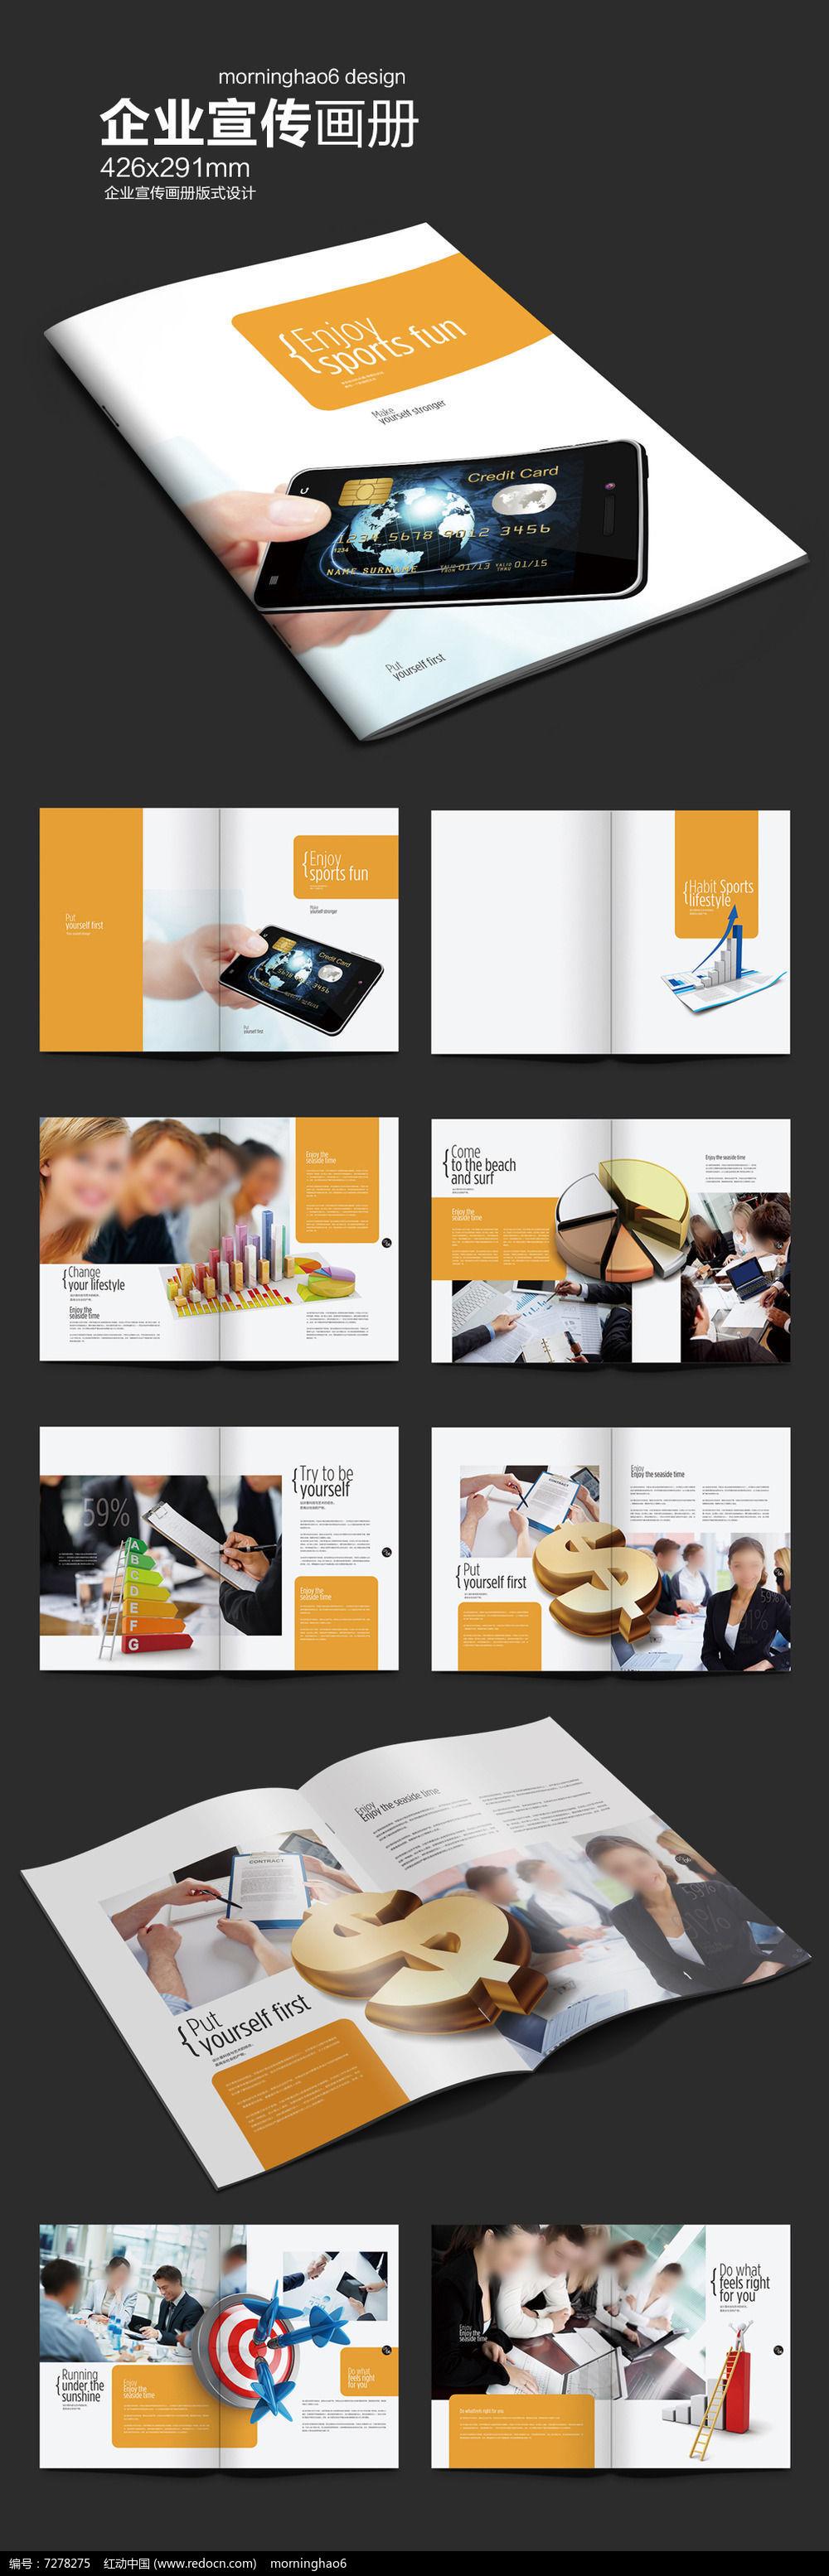 画册设计/书籍/菜谱 企业画册 宣传画册 时尚金融画册版式设计  请您图片